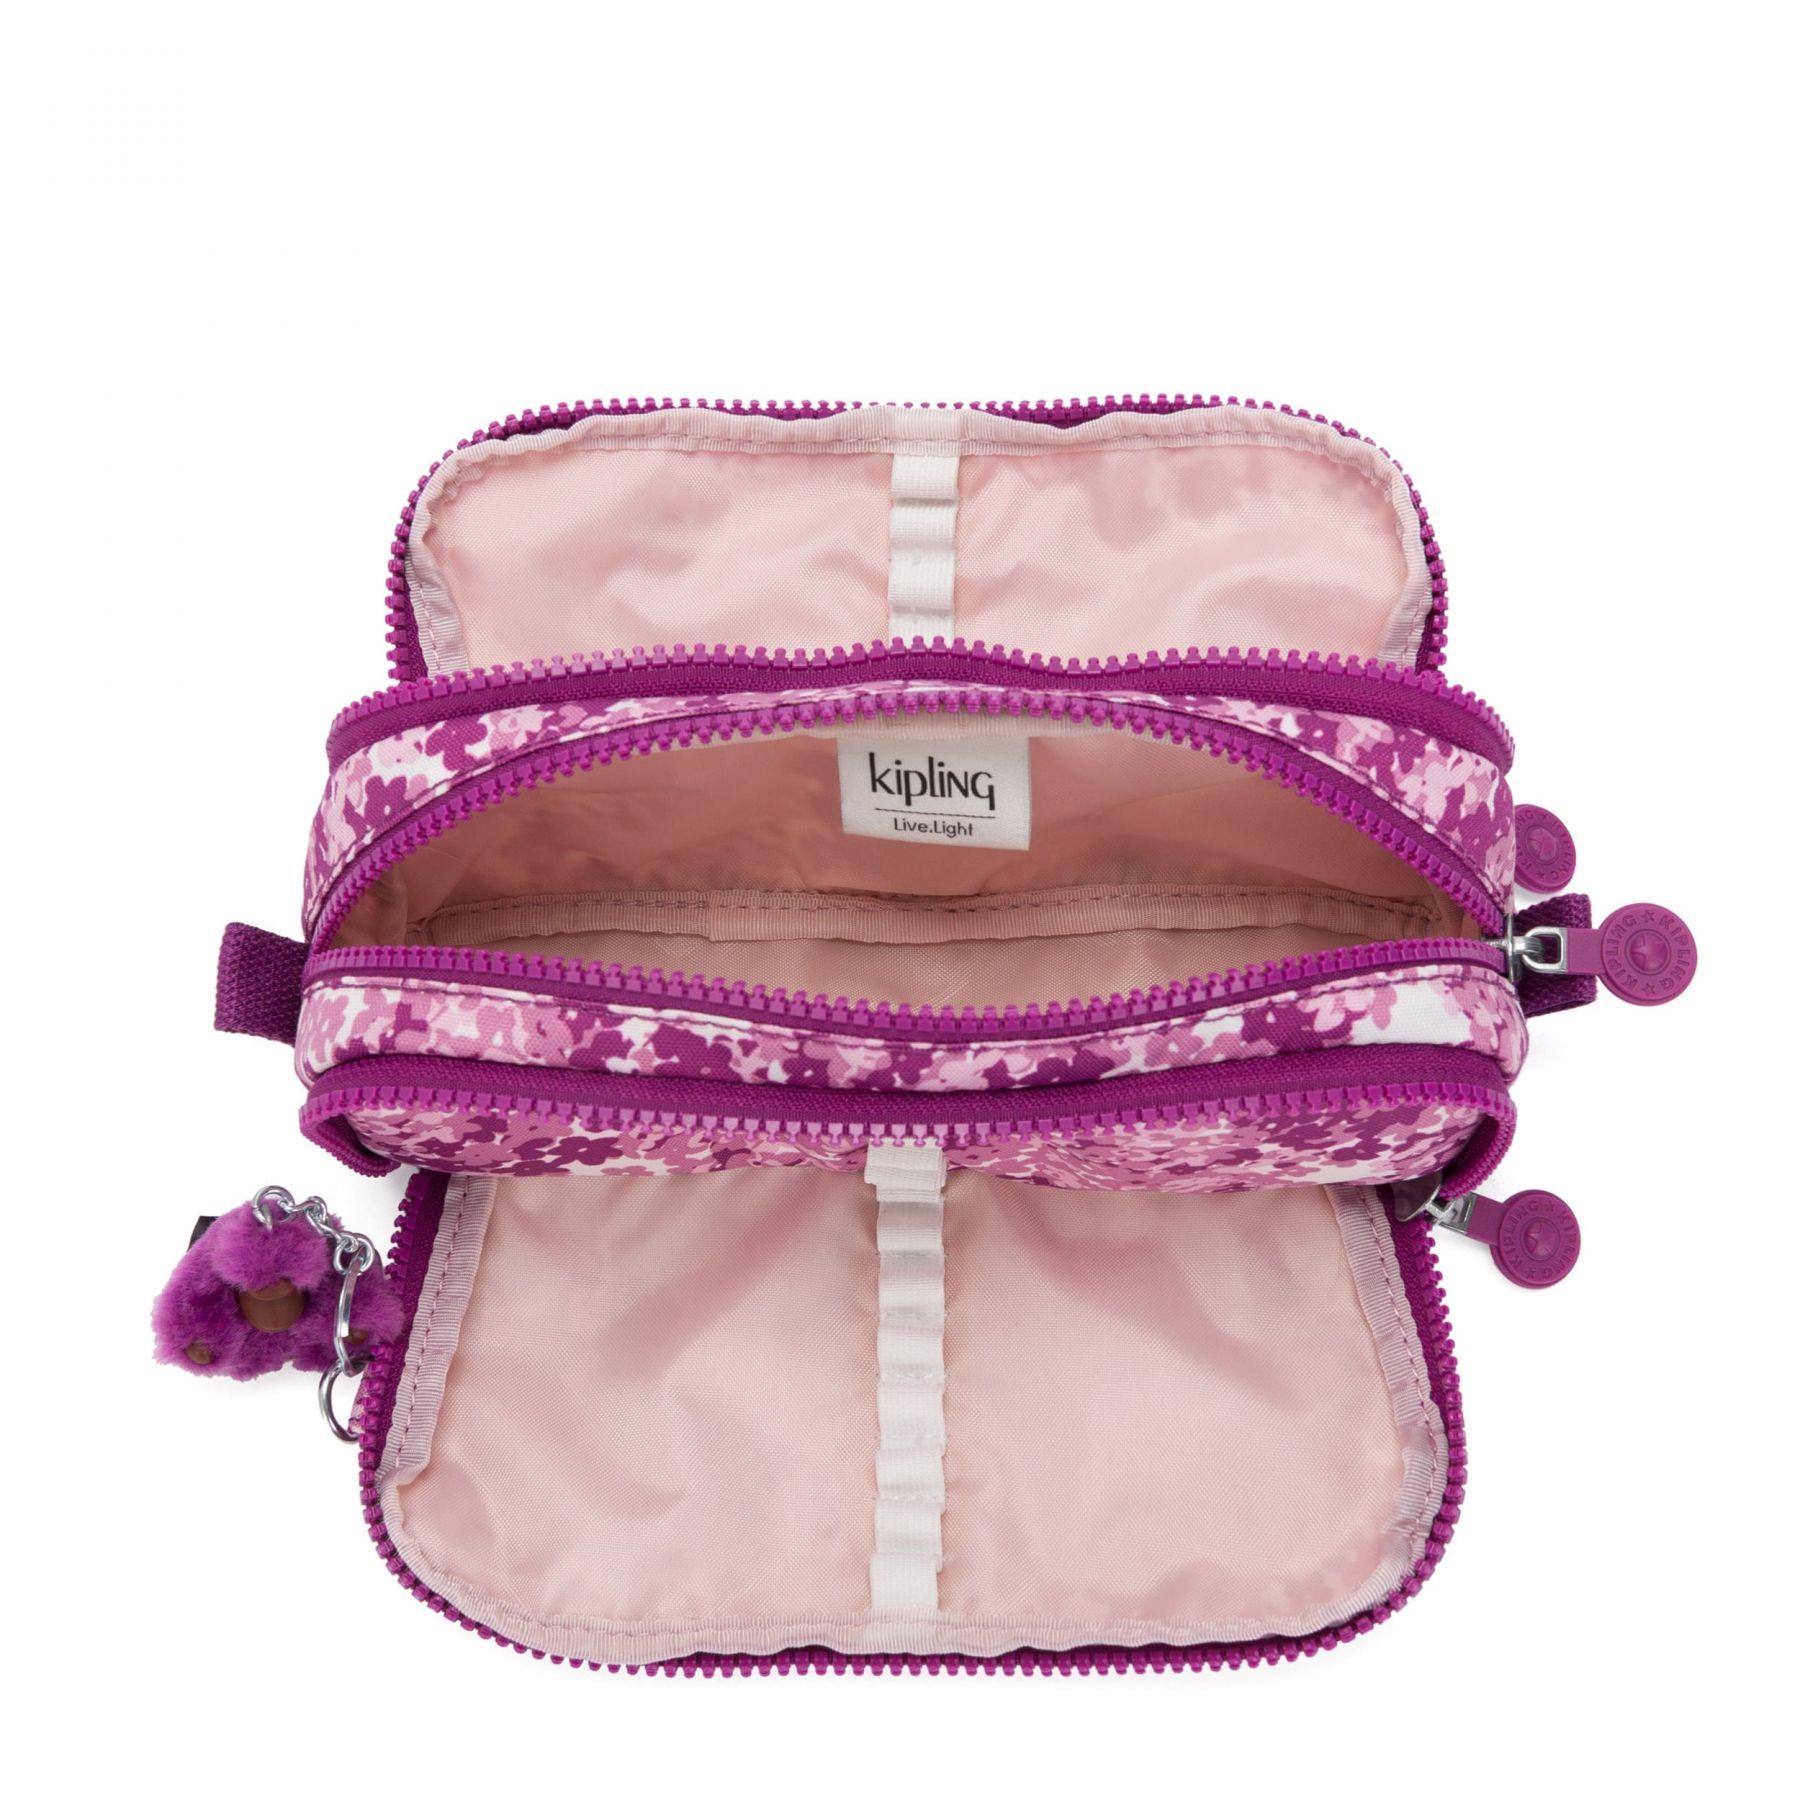 GITROY SCHOOL BAGS by Kipling